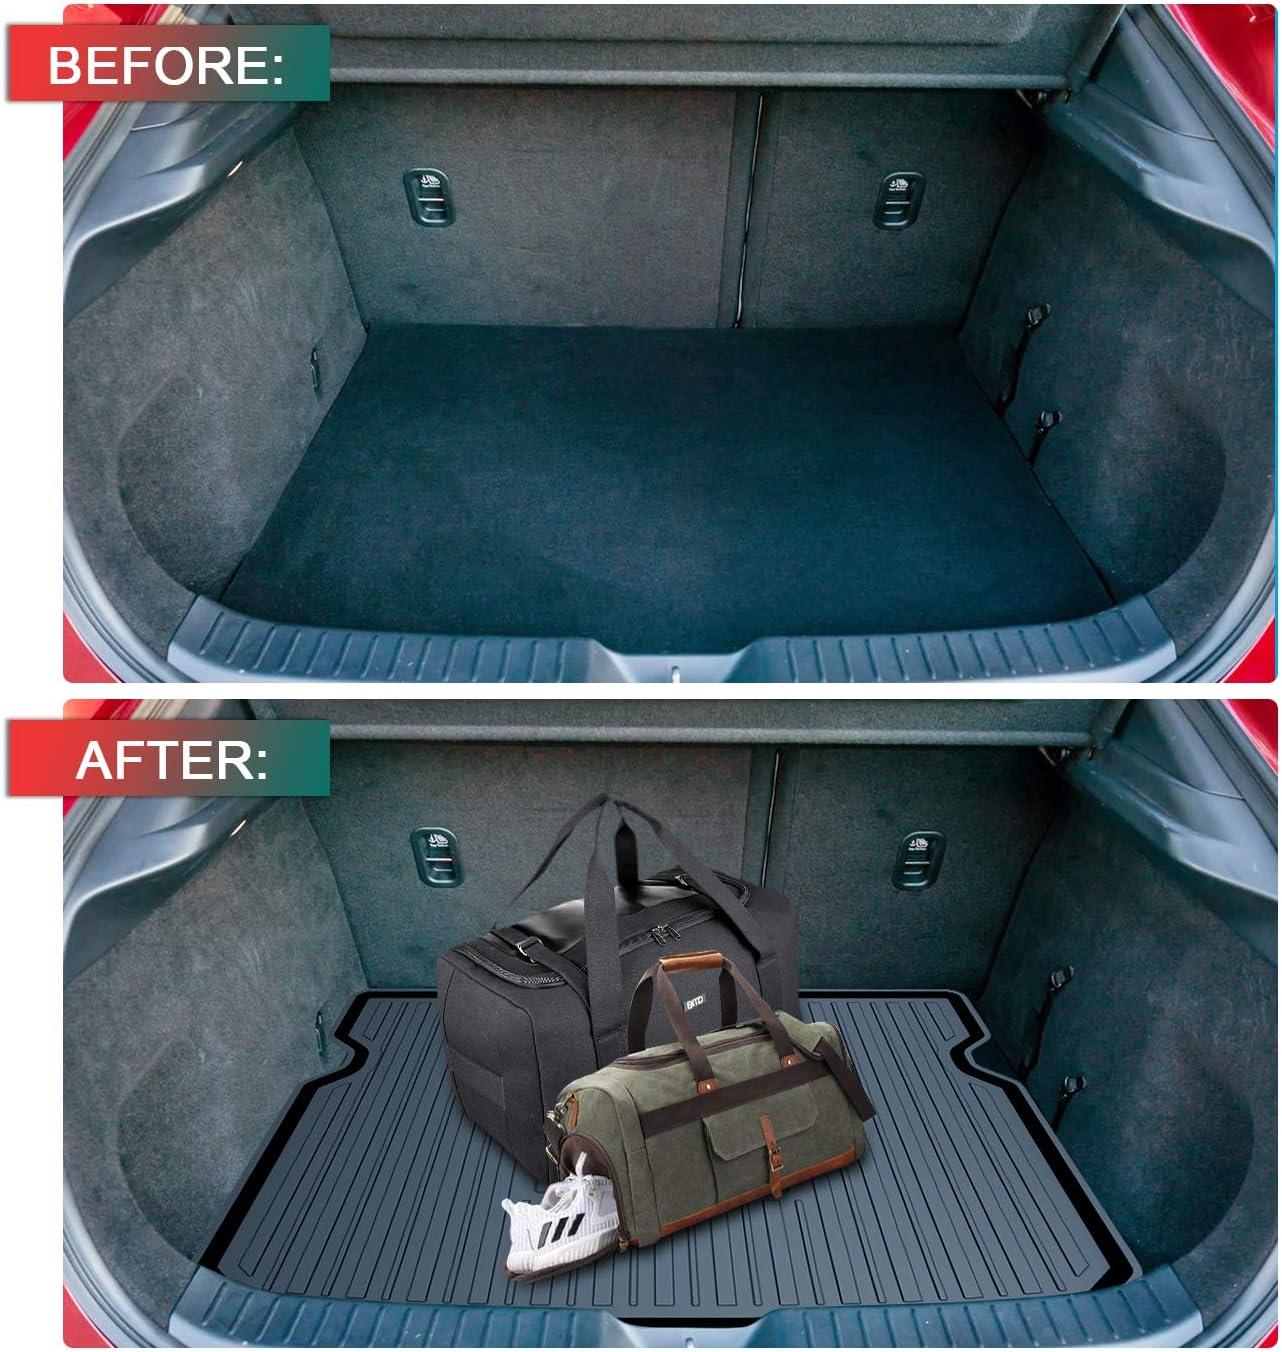 Lfotpp Kofferraumwanne Für Cx 30 Cx30 Matte Waterproof Antirutsch Kofferraummatte Wanne Cargo Trunk Tray Auto Zubehör Auto